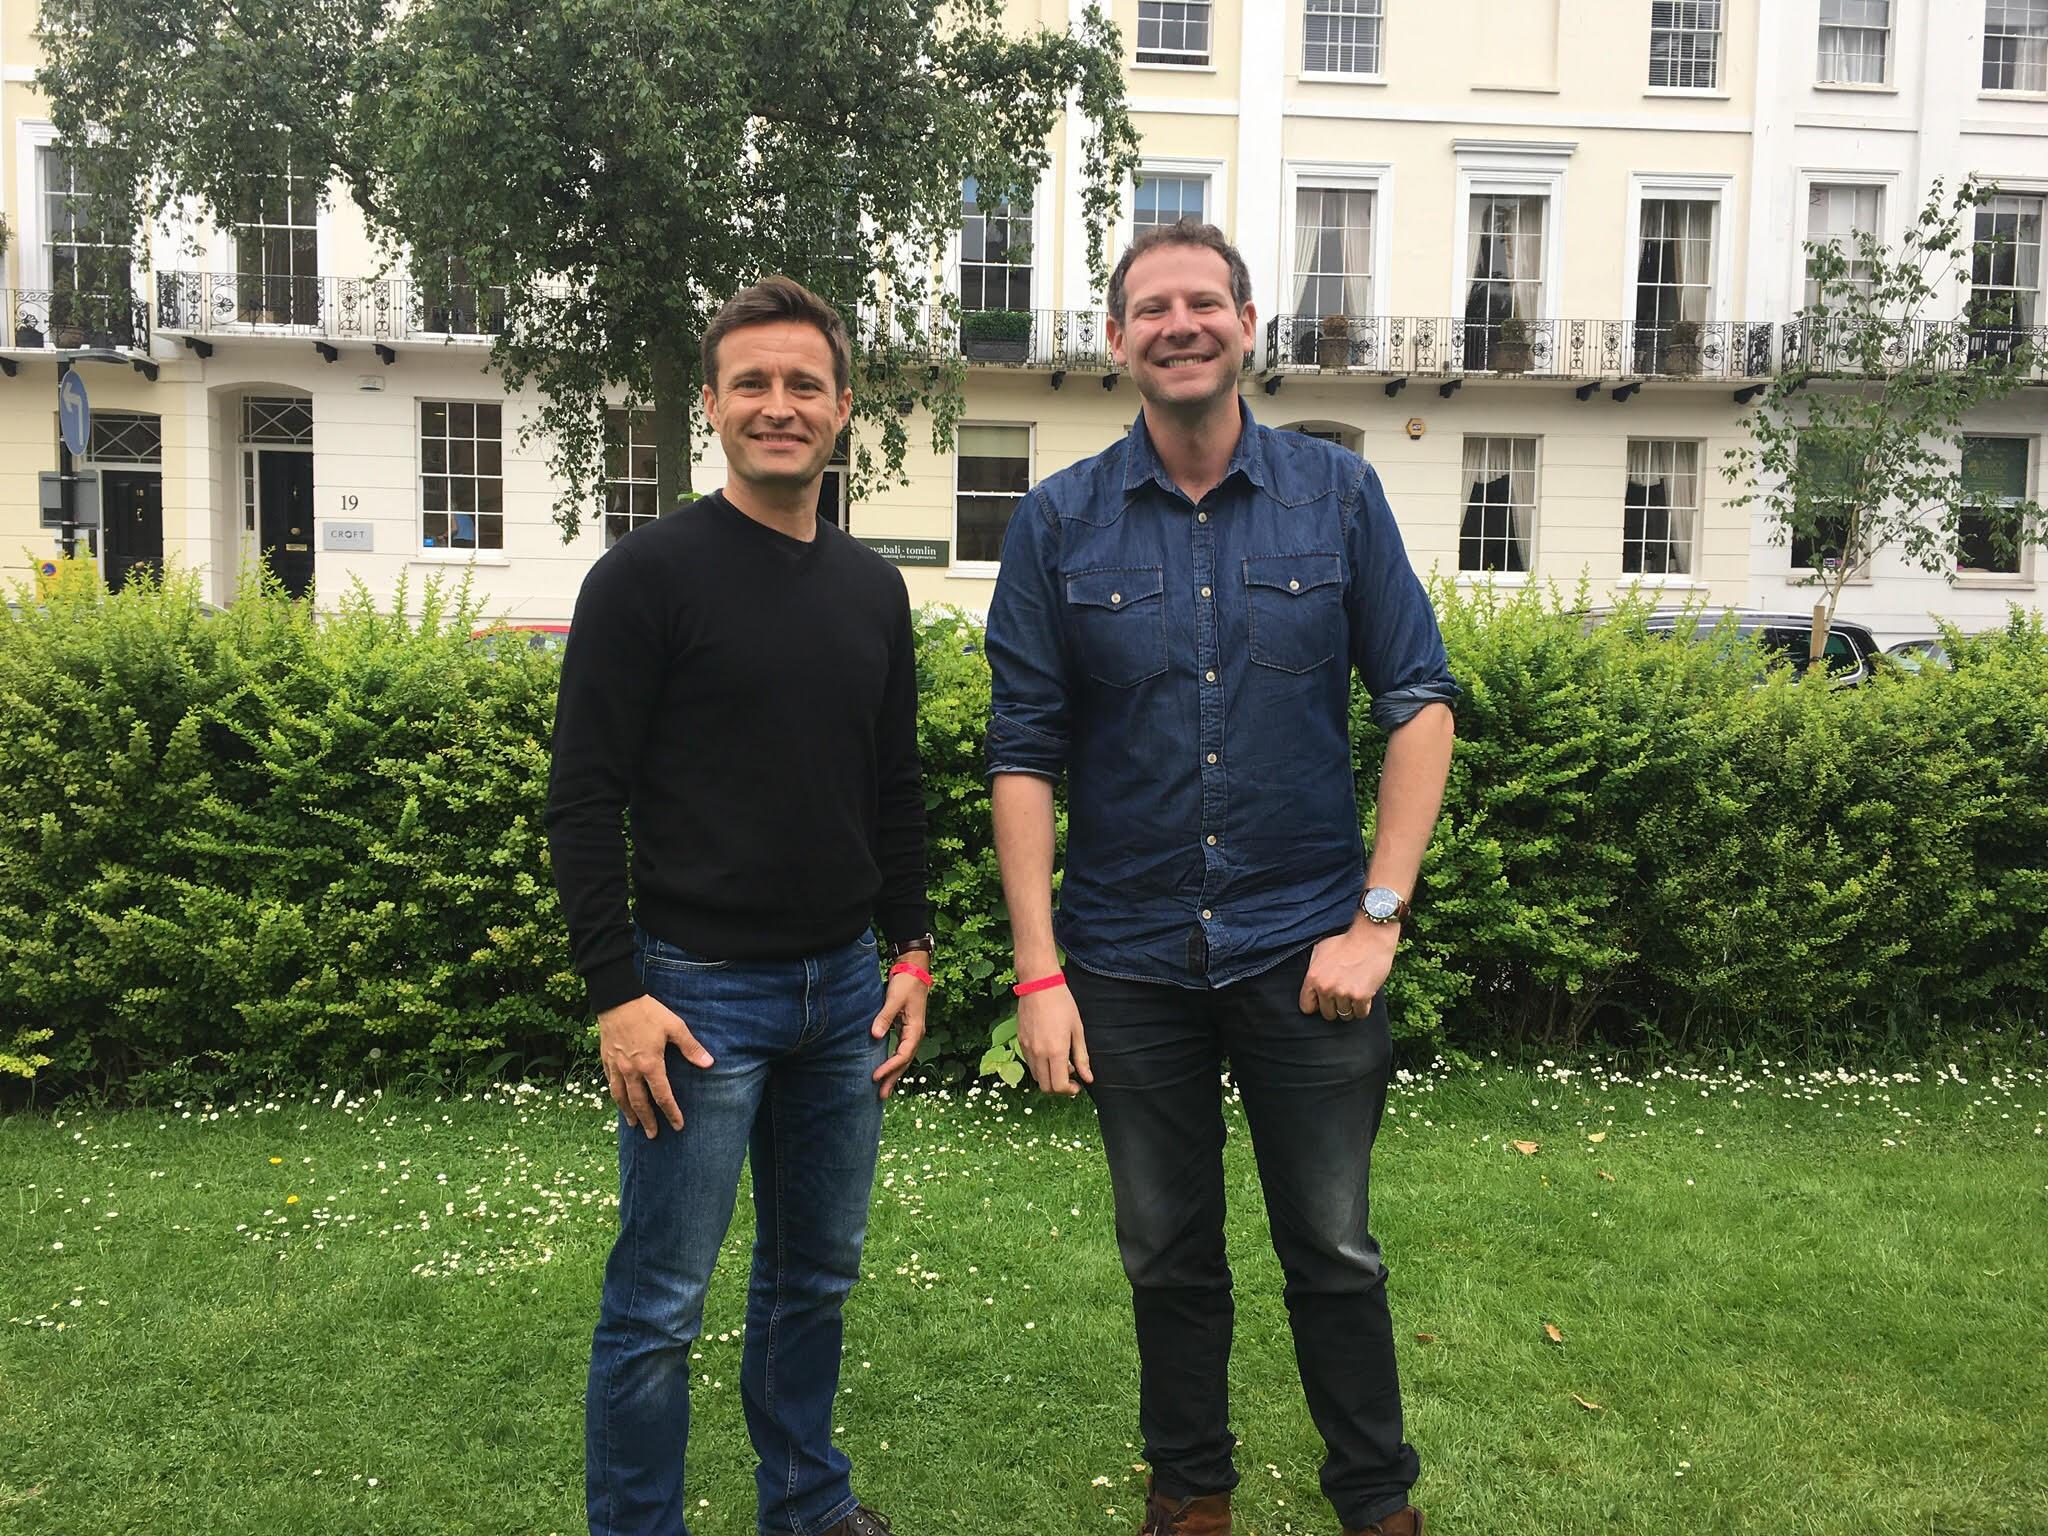 Steve Ingham and Olly Mann at the Cheltenham Science Festival, 2018